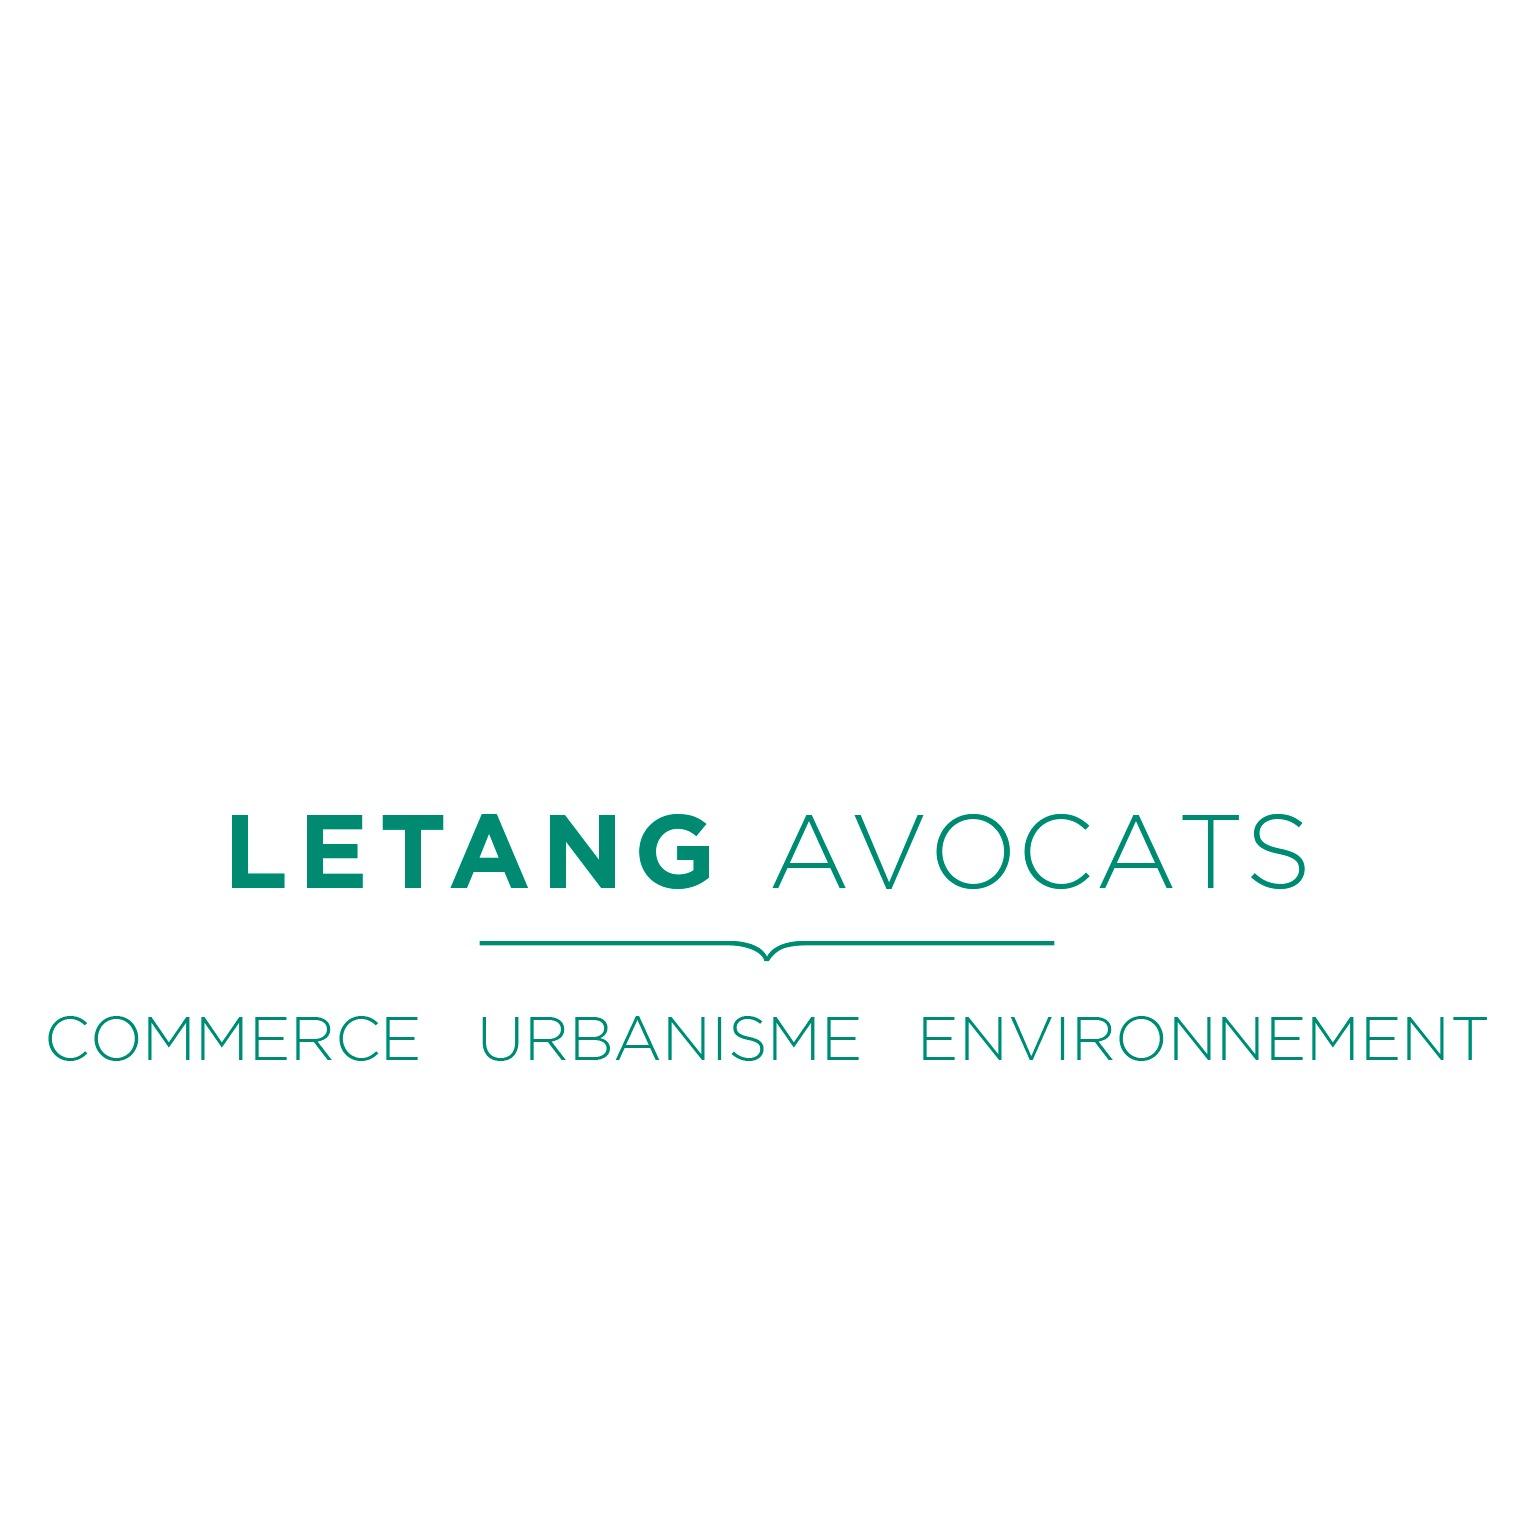 the Létang Avocats logo.